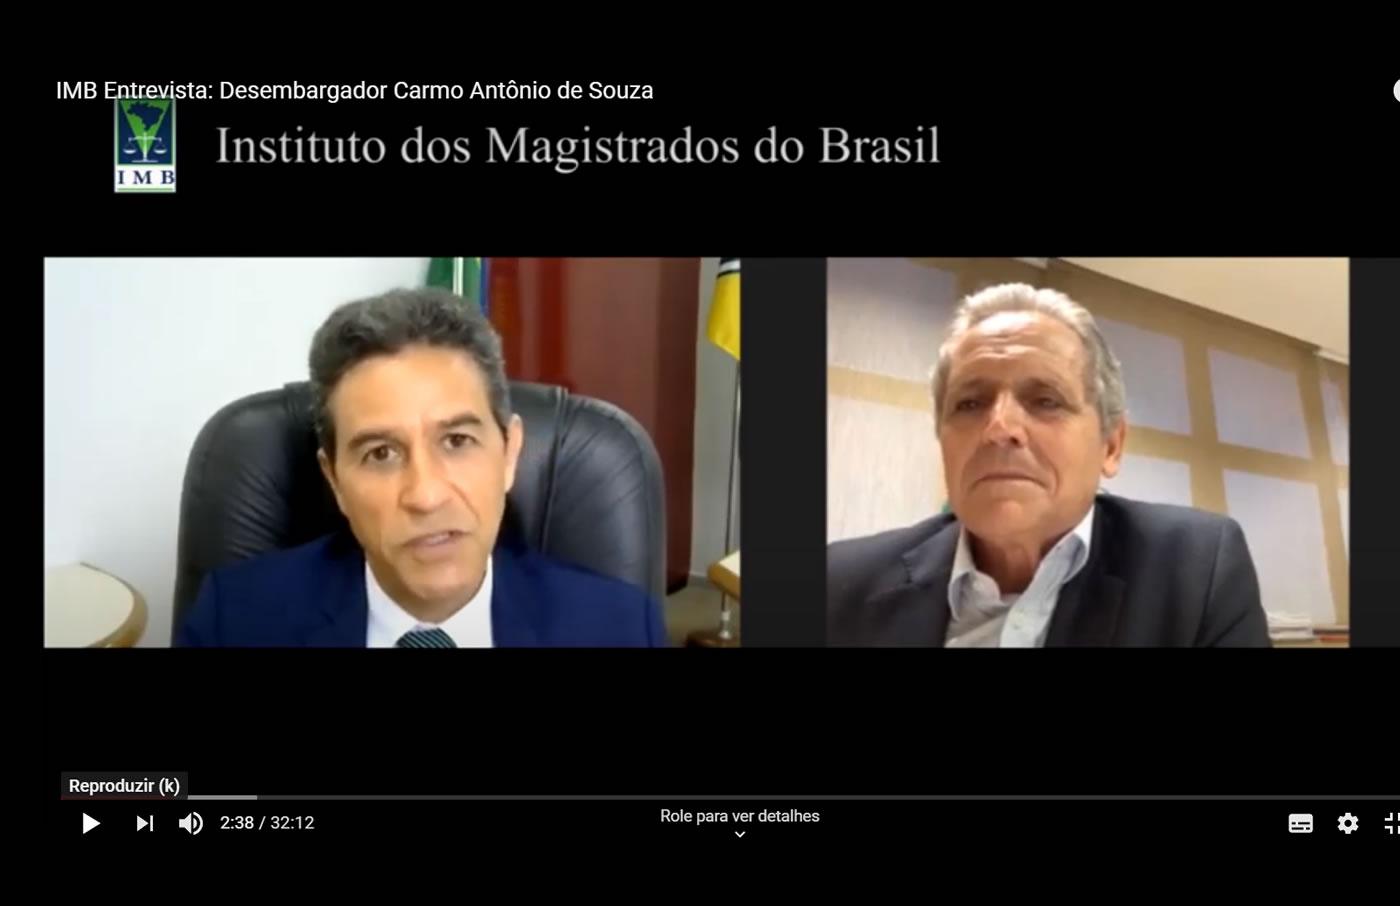 Corregedoria Geral de Justiça do Estado do Amapá